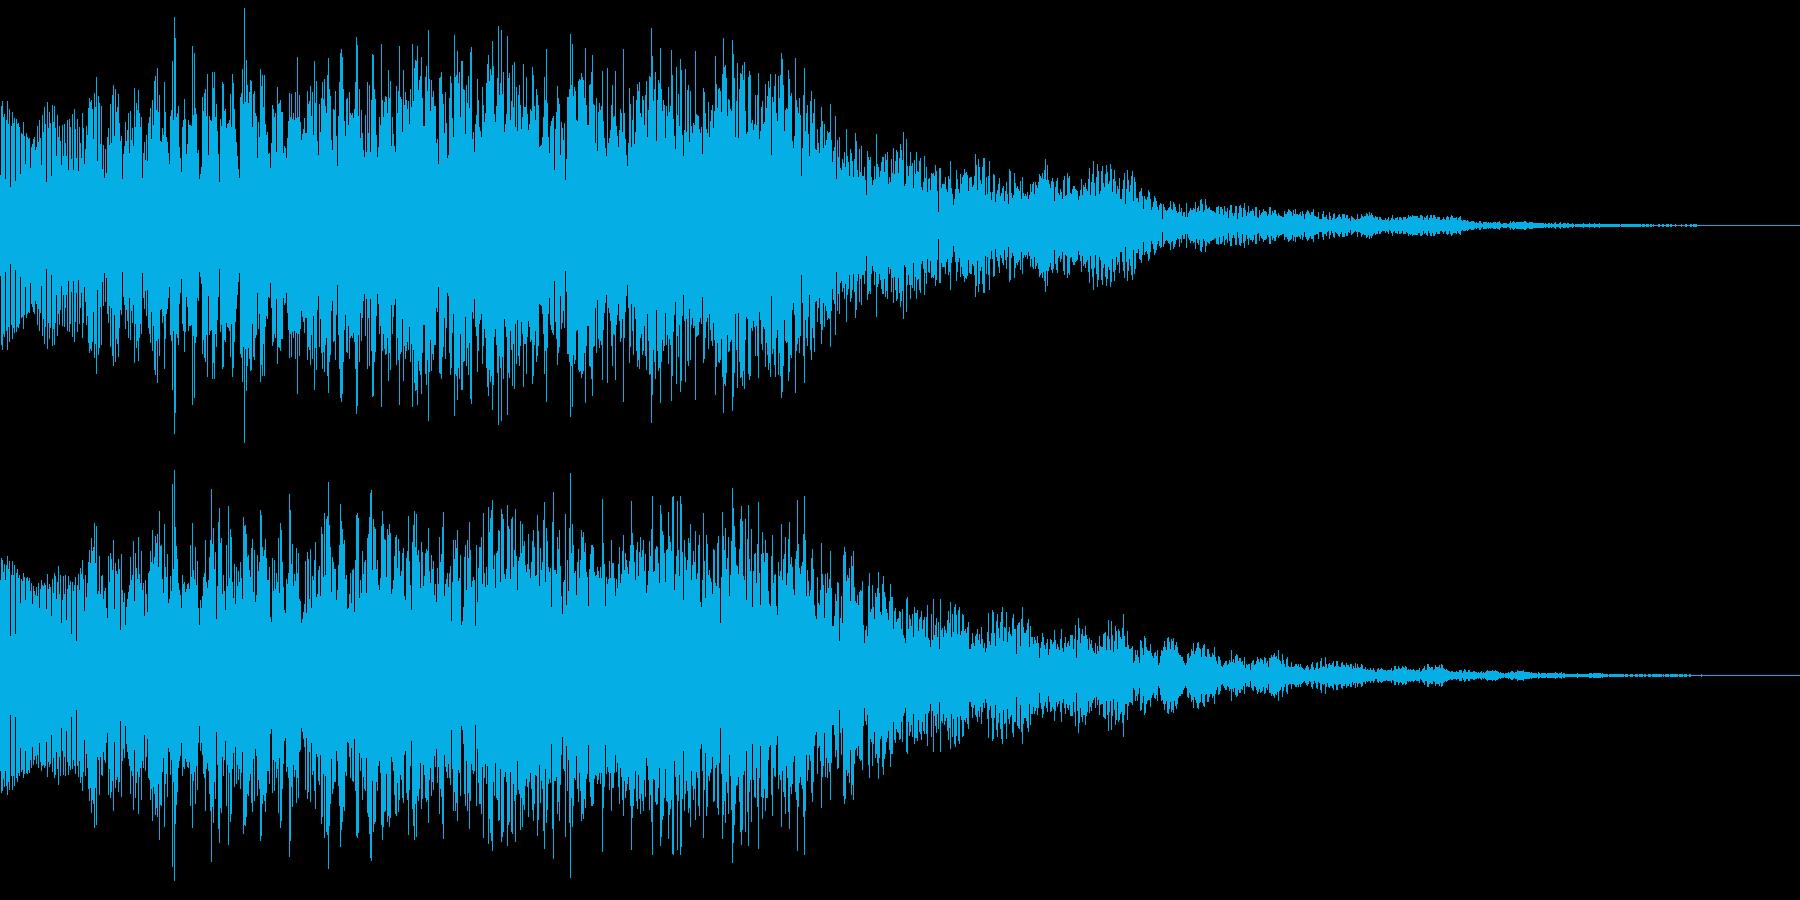 キラキラキラン 変身 魔法 パワーアップの再生済みの波形